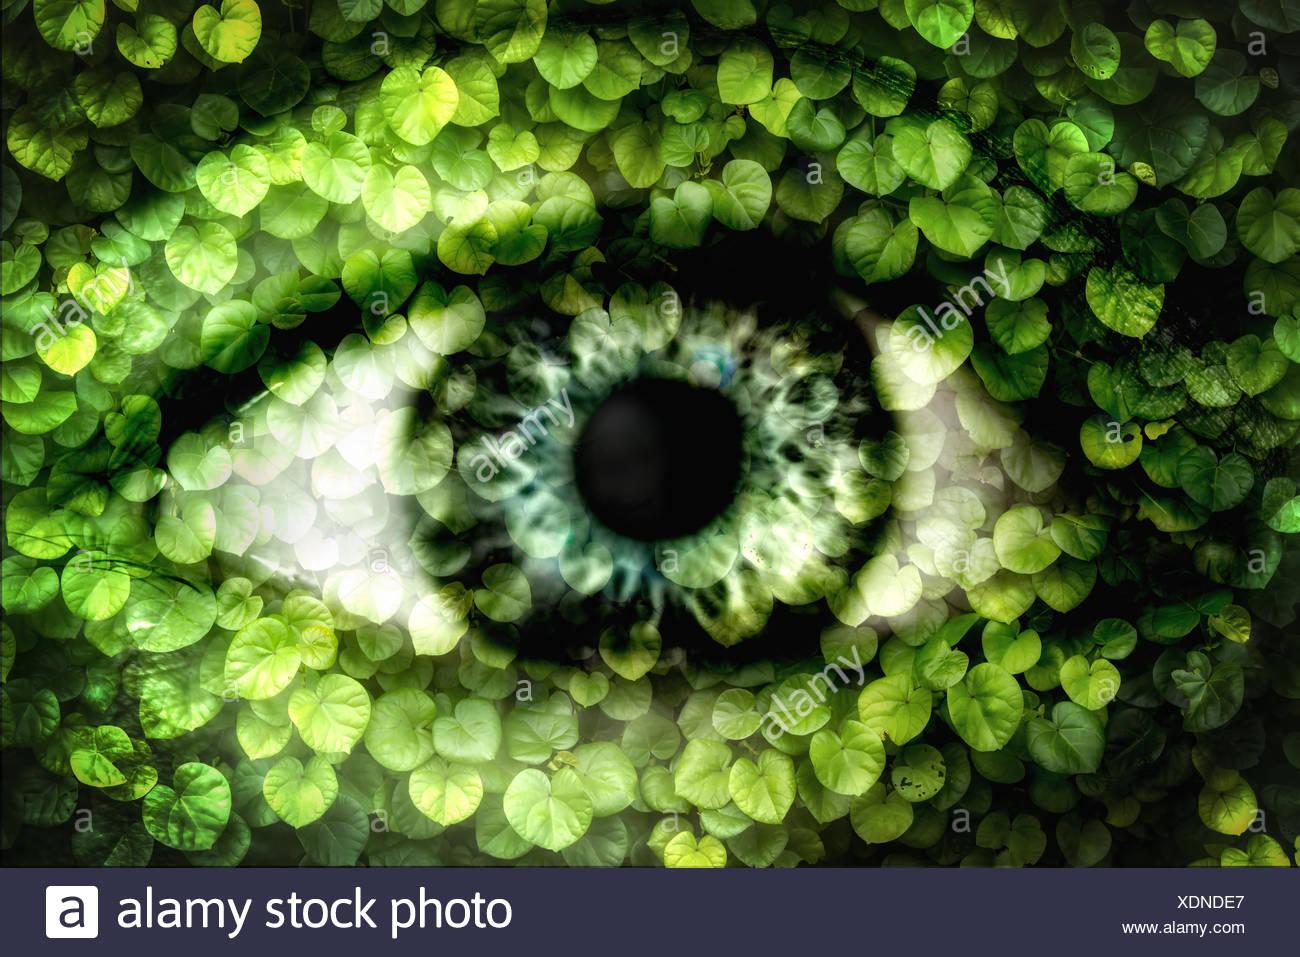 Doble exposición de un ojo humano y pared de hiedra Imagen De Stock